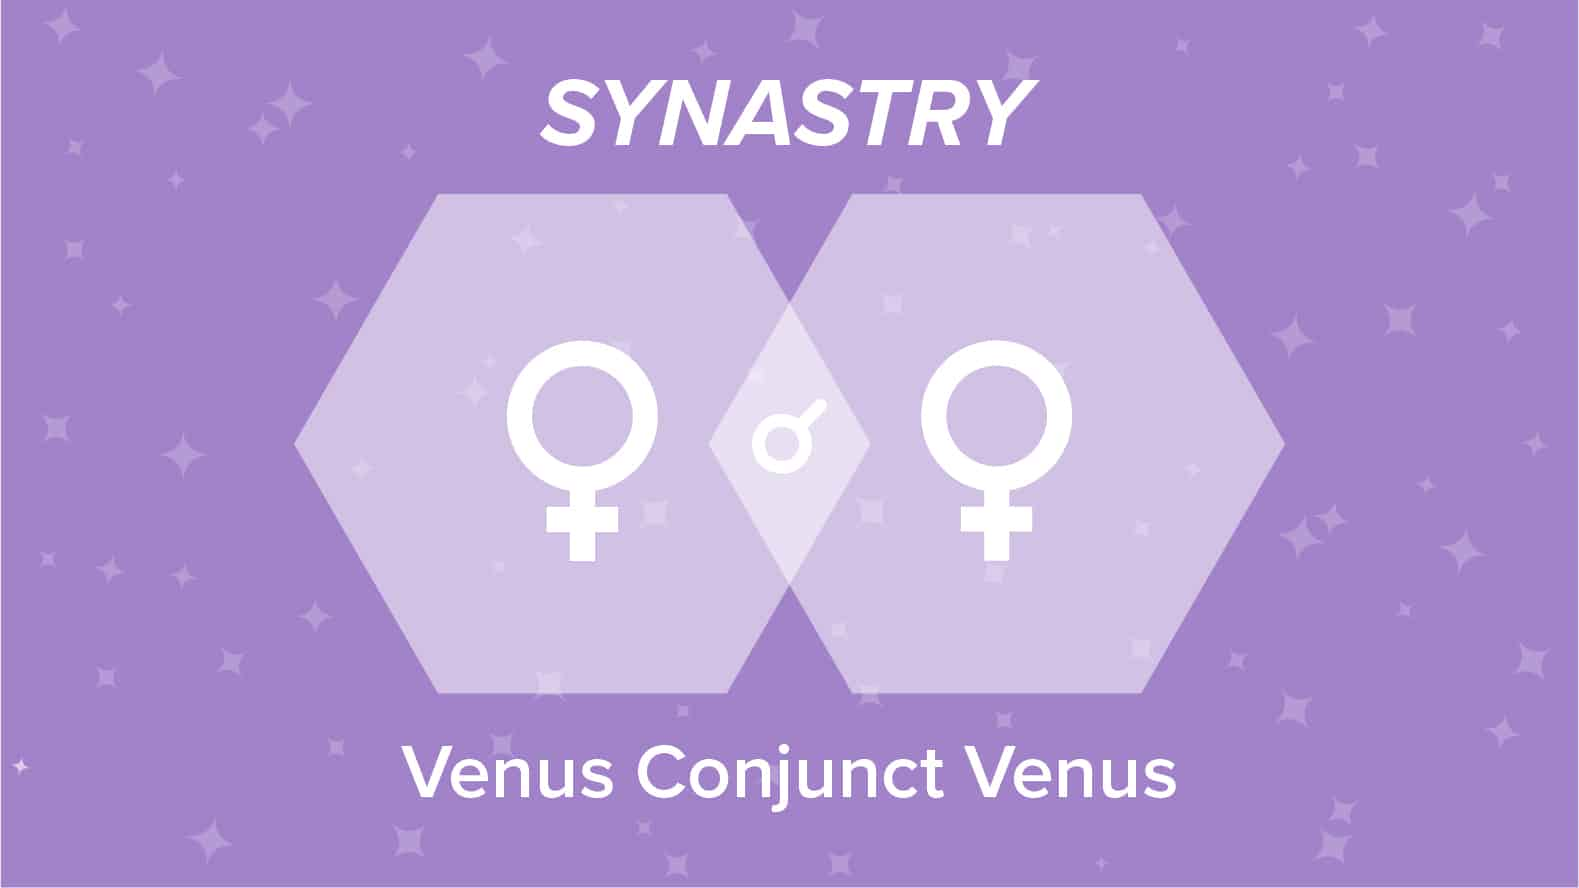 Venus Conjunct Venus Synastry